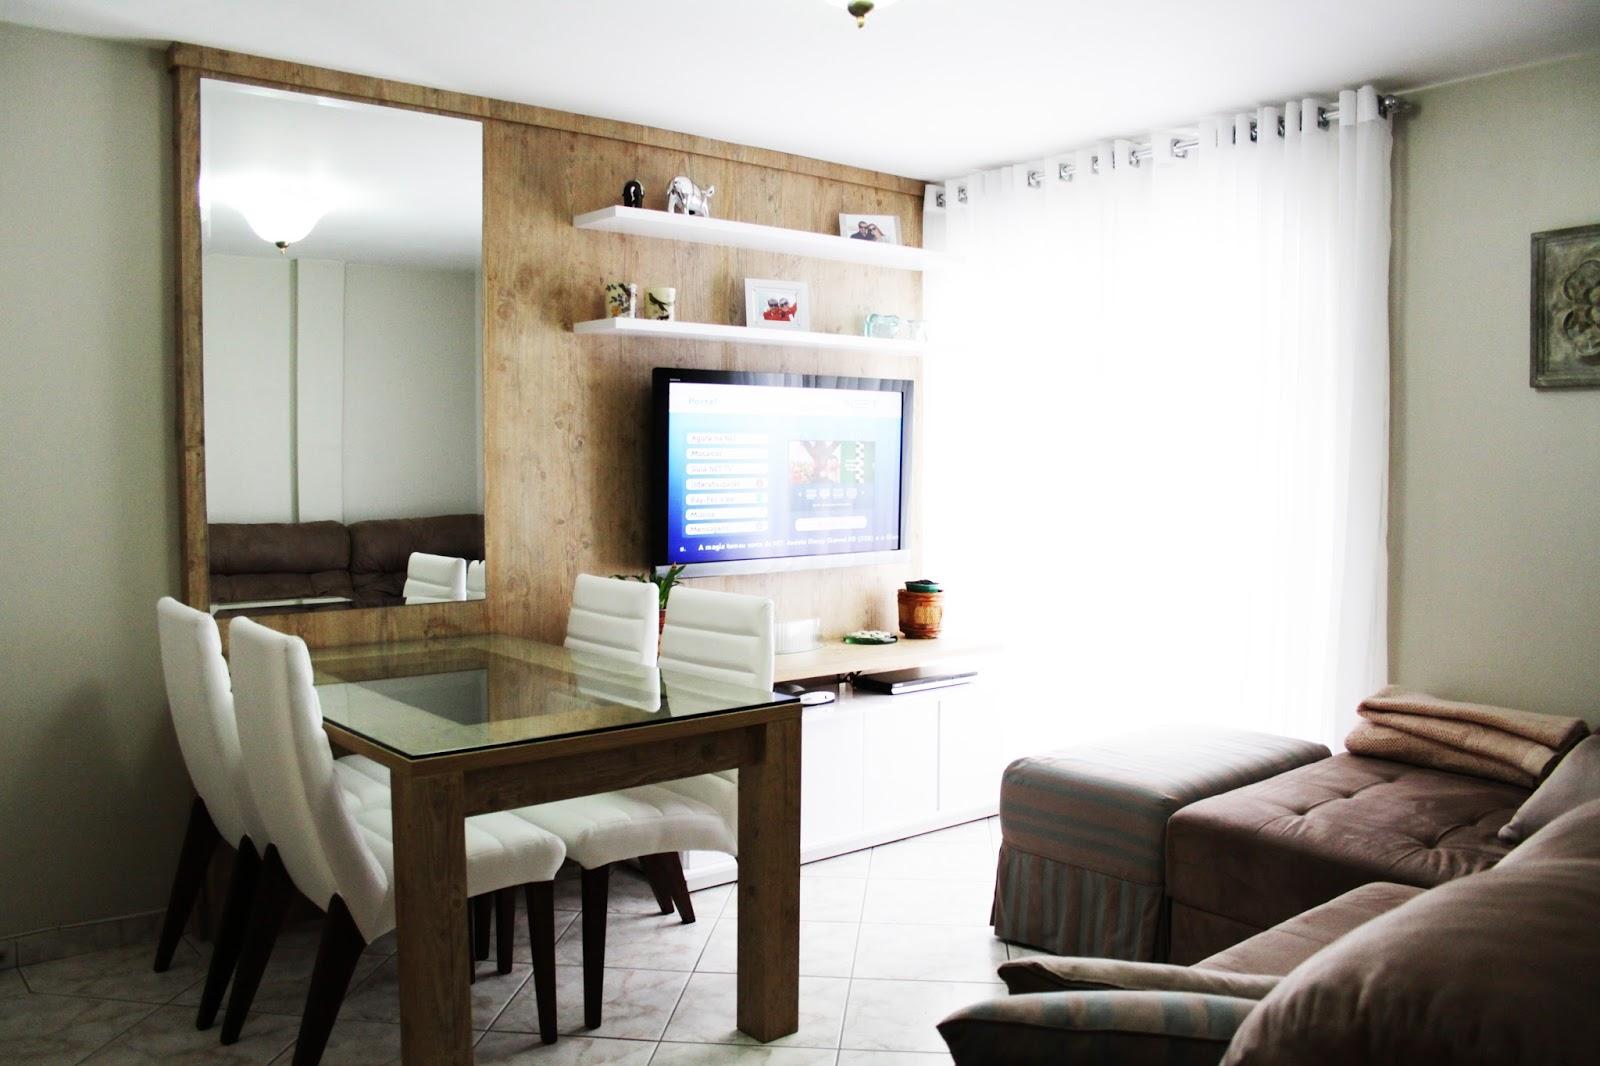 Sala de estar pequena ideiasinteriores for Sala de 9 metros quadrados